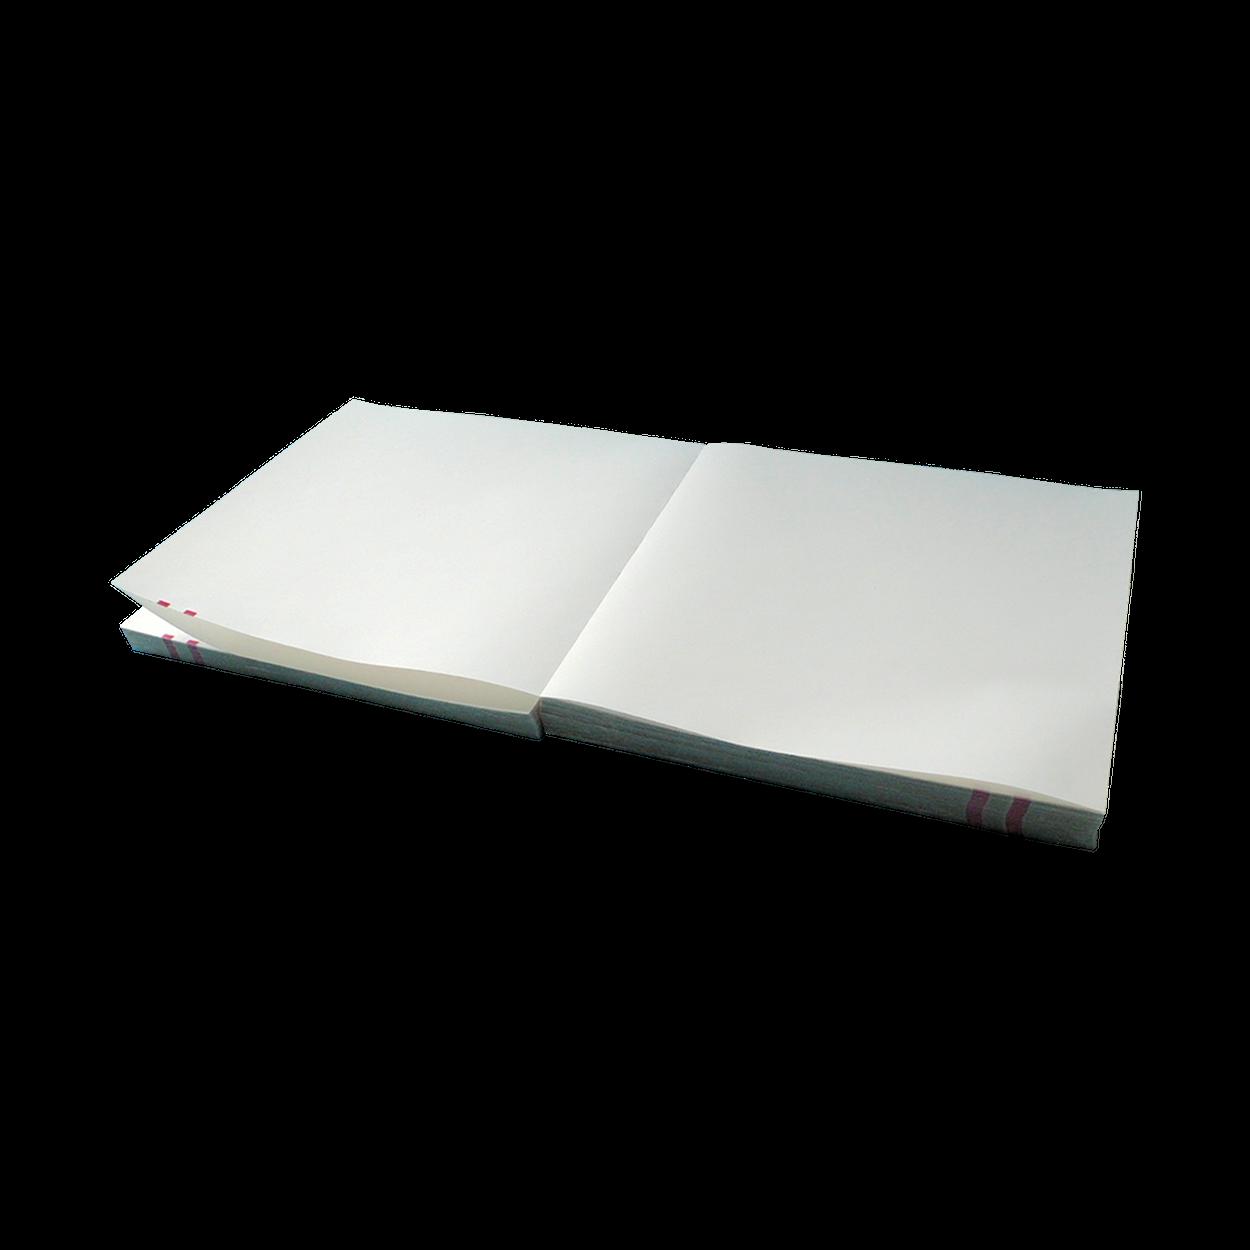 143х150х300, бумага КТГ для  Oxford, Sonicaid Meridian 800, реестр 4168